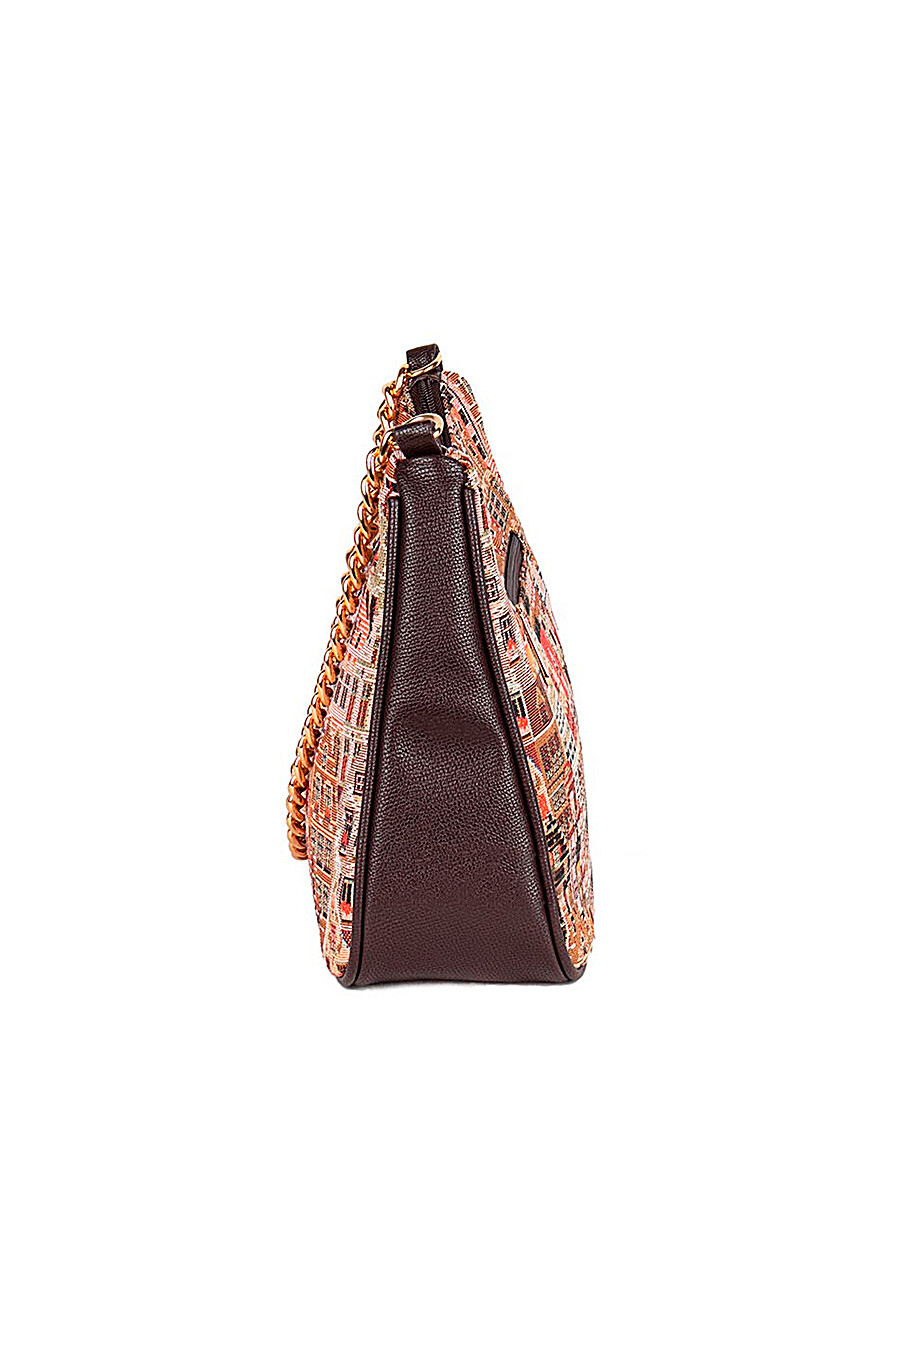 Сумка для женщин L-CRAFT 668314 купить оптом от производителя. Совместная покупка женской одежды в OptMoyo